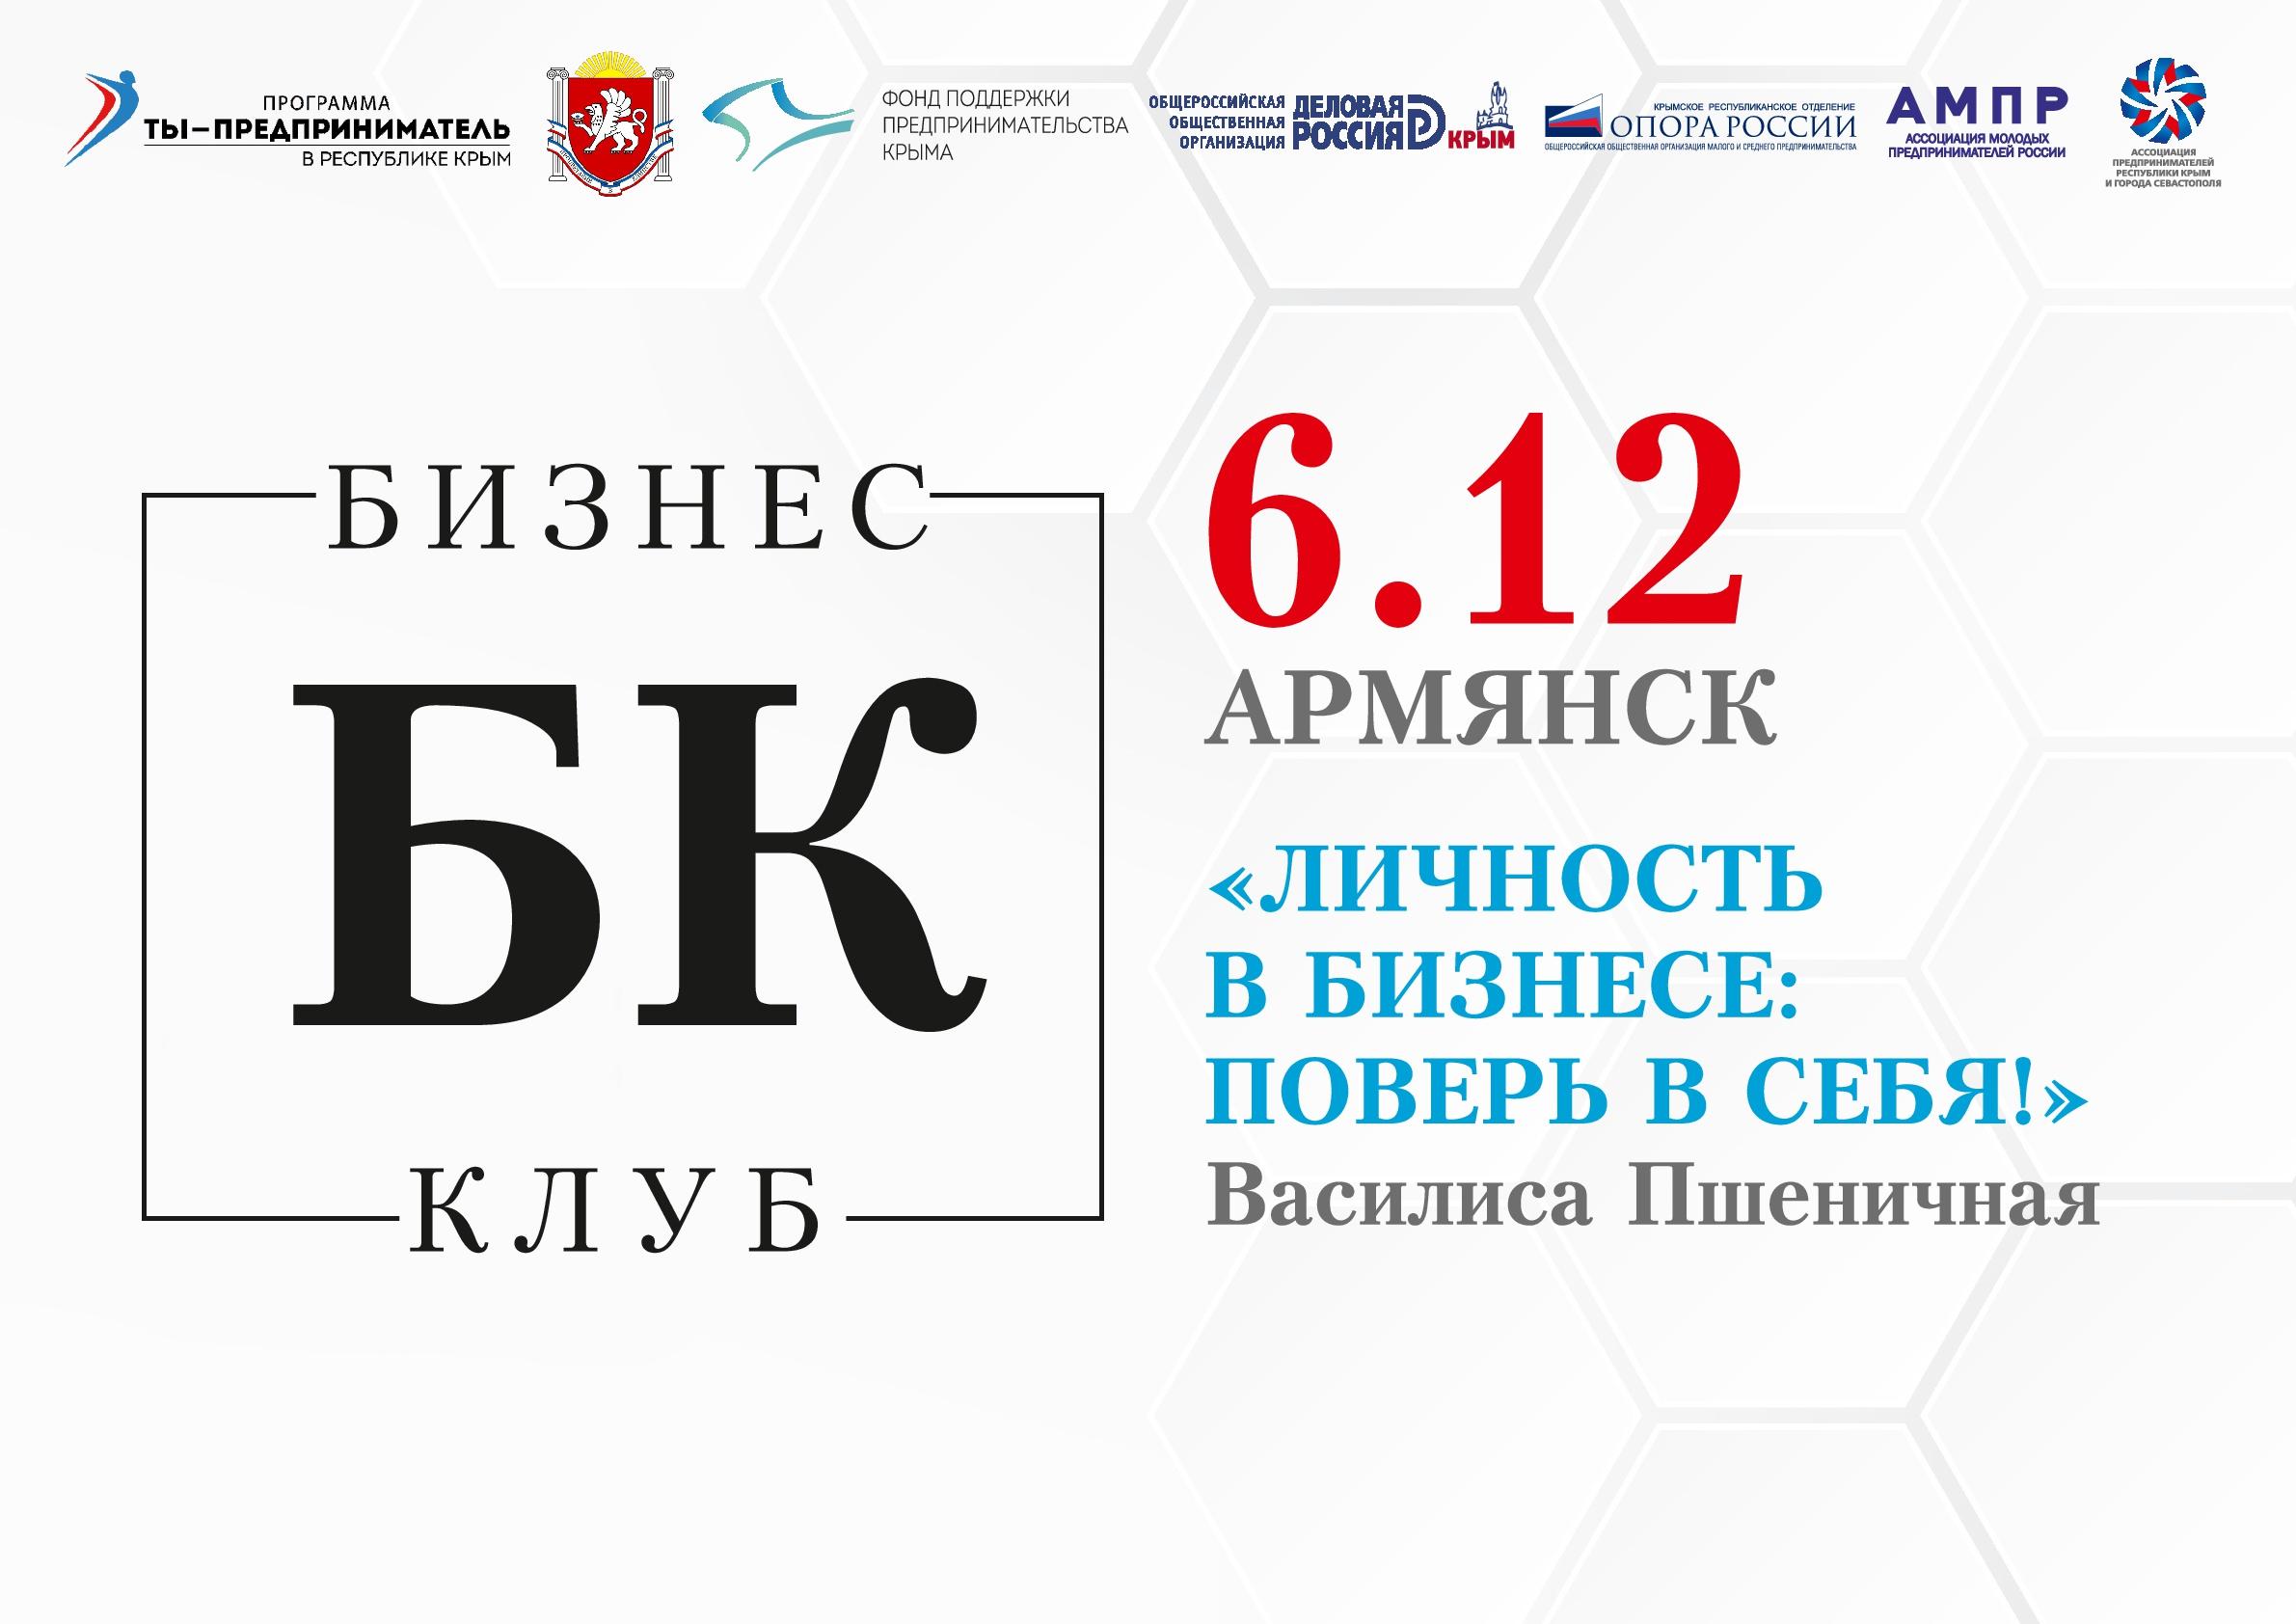 семинар в Армянске бизнес-клуб